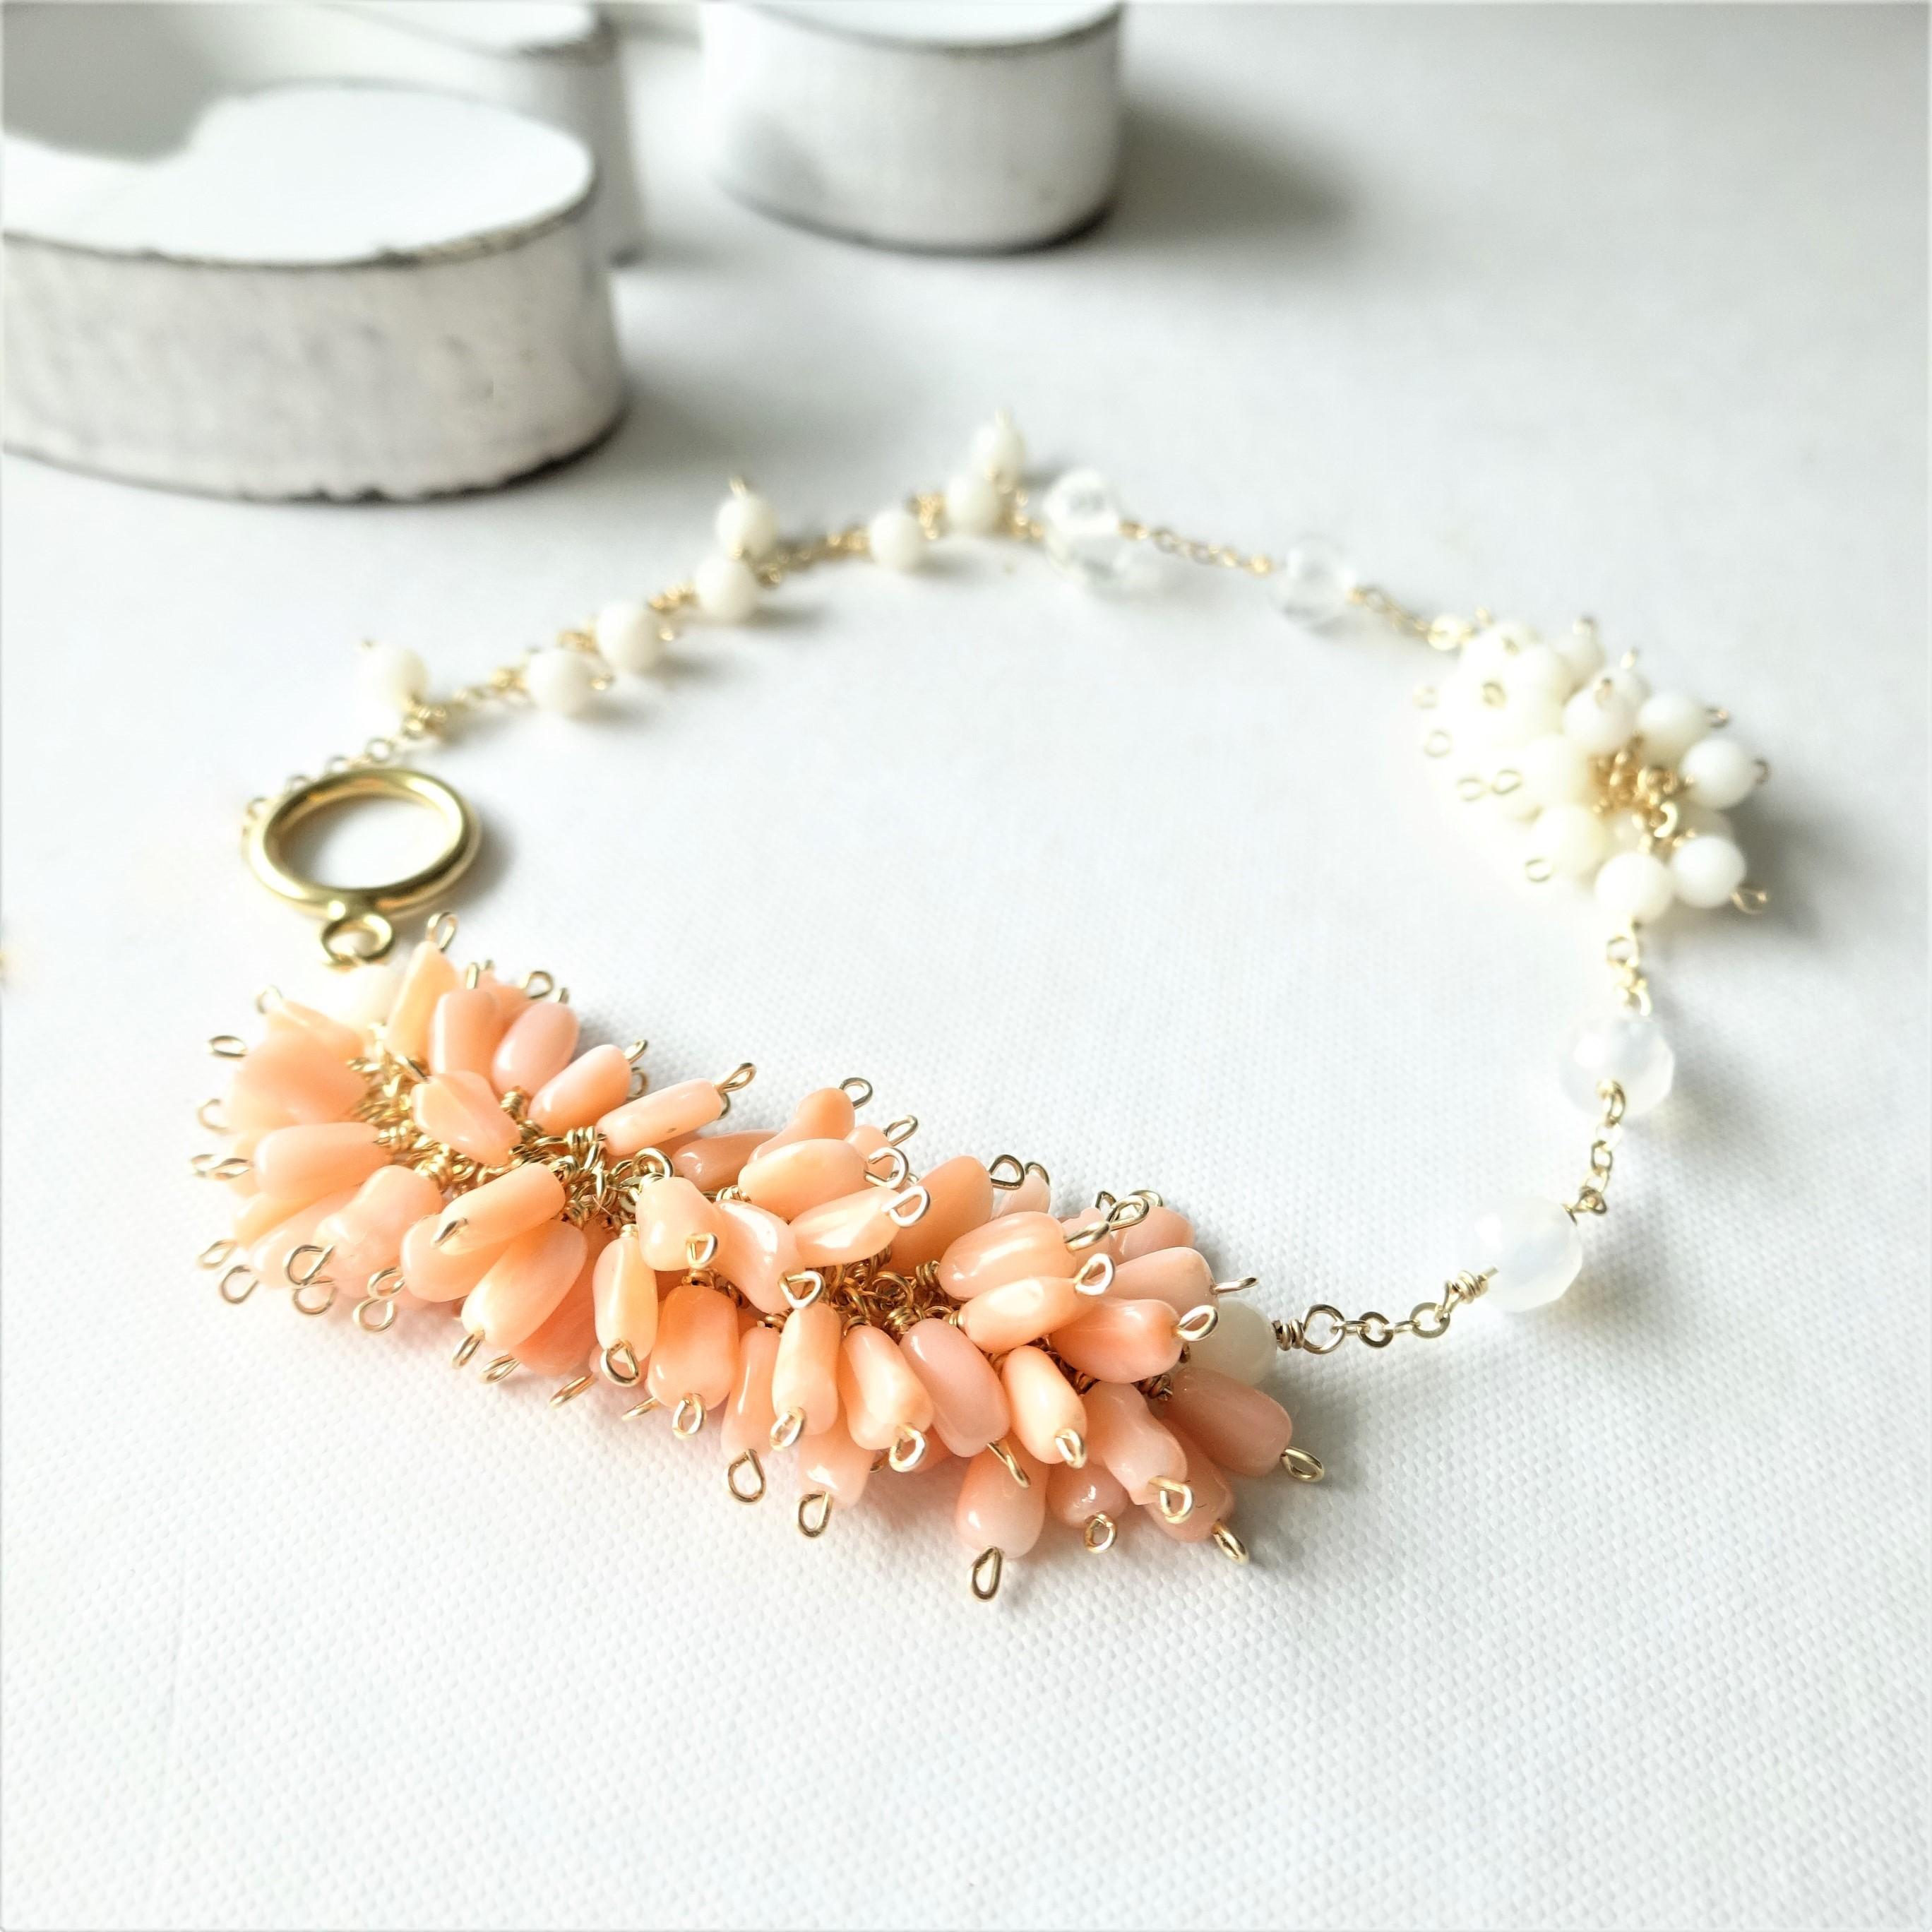 14kgf*Natural Coral special bracelet